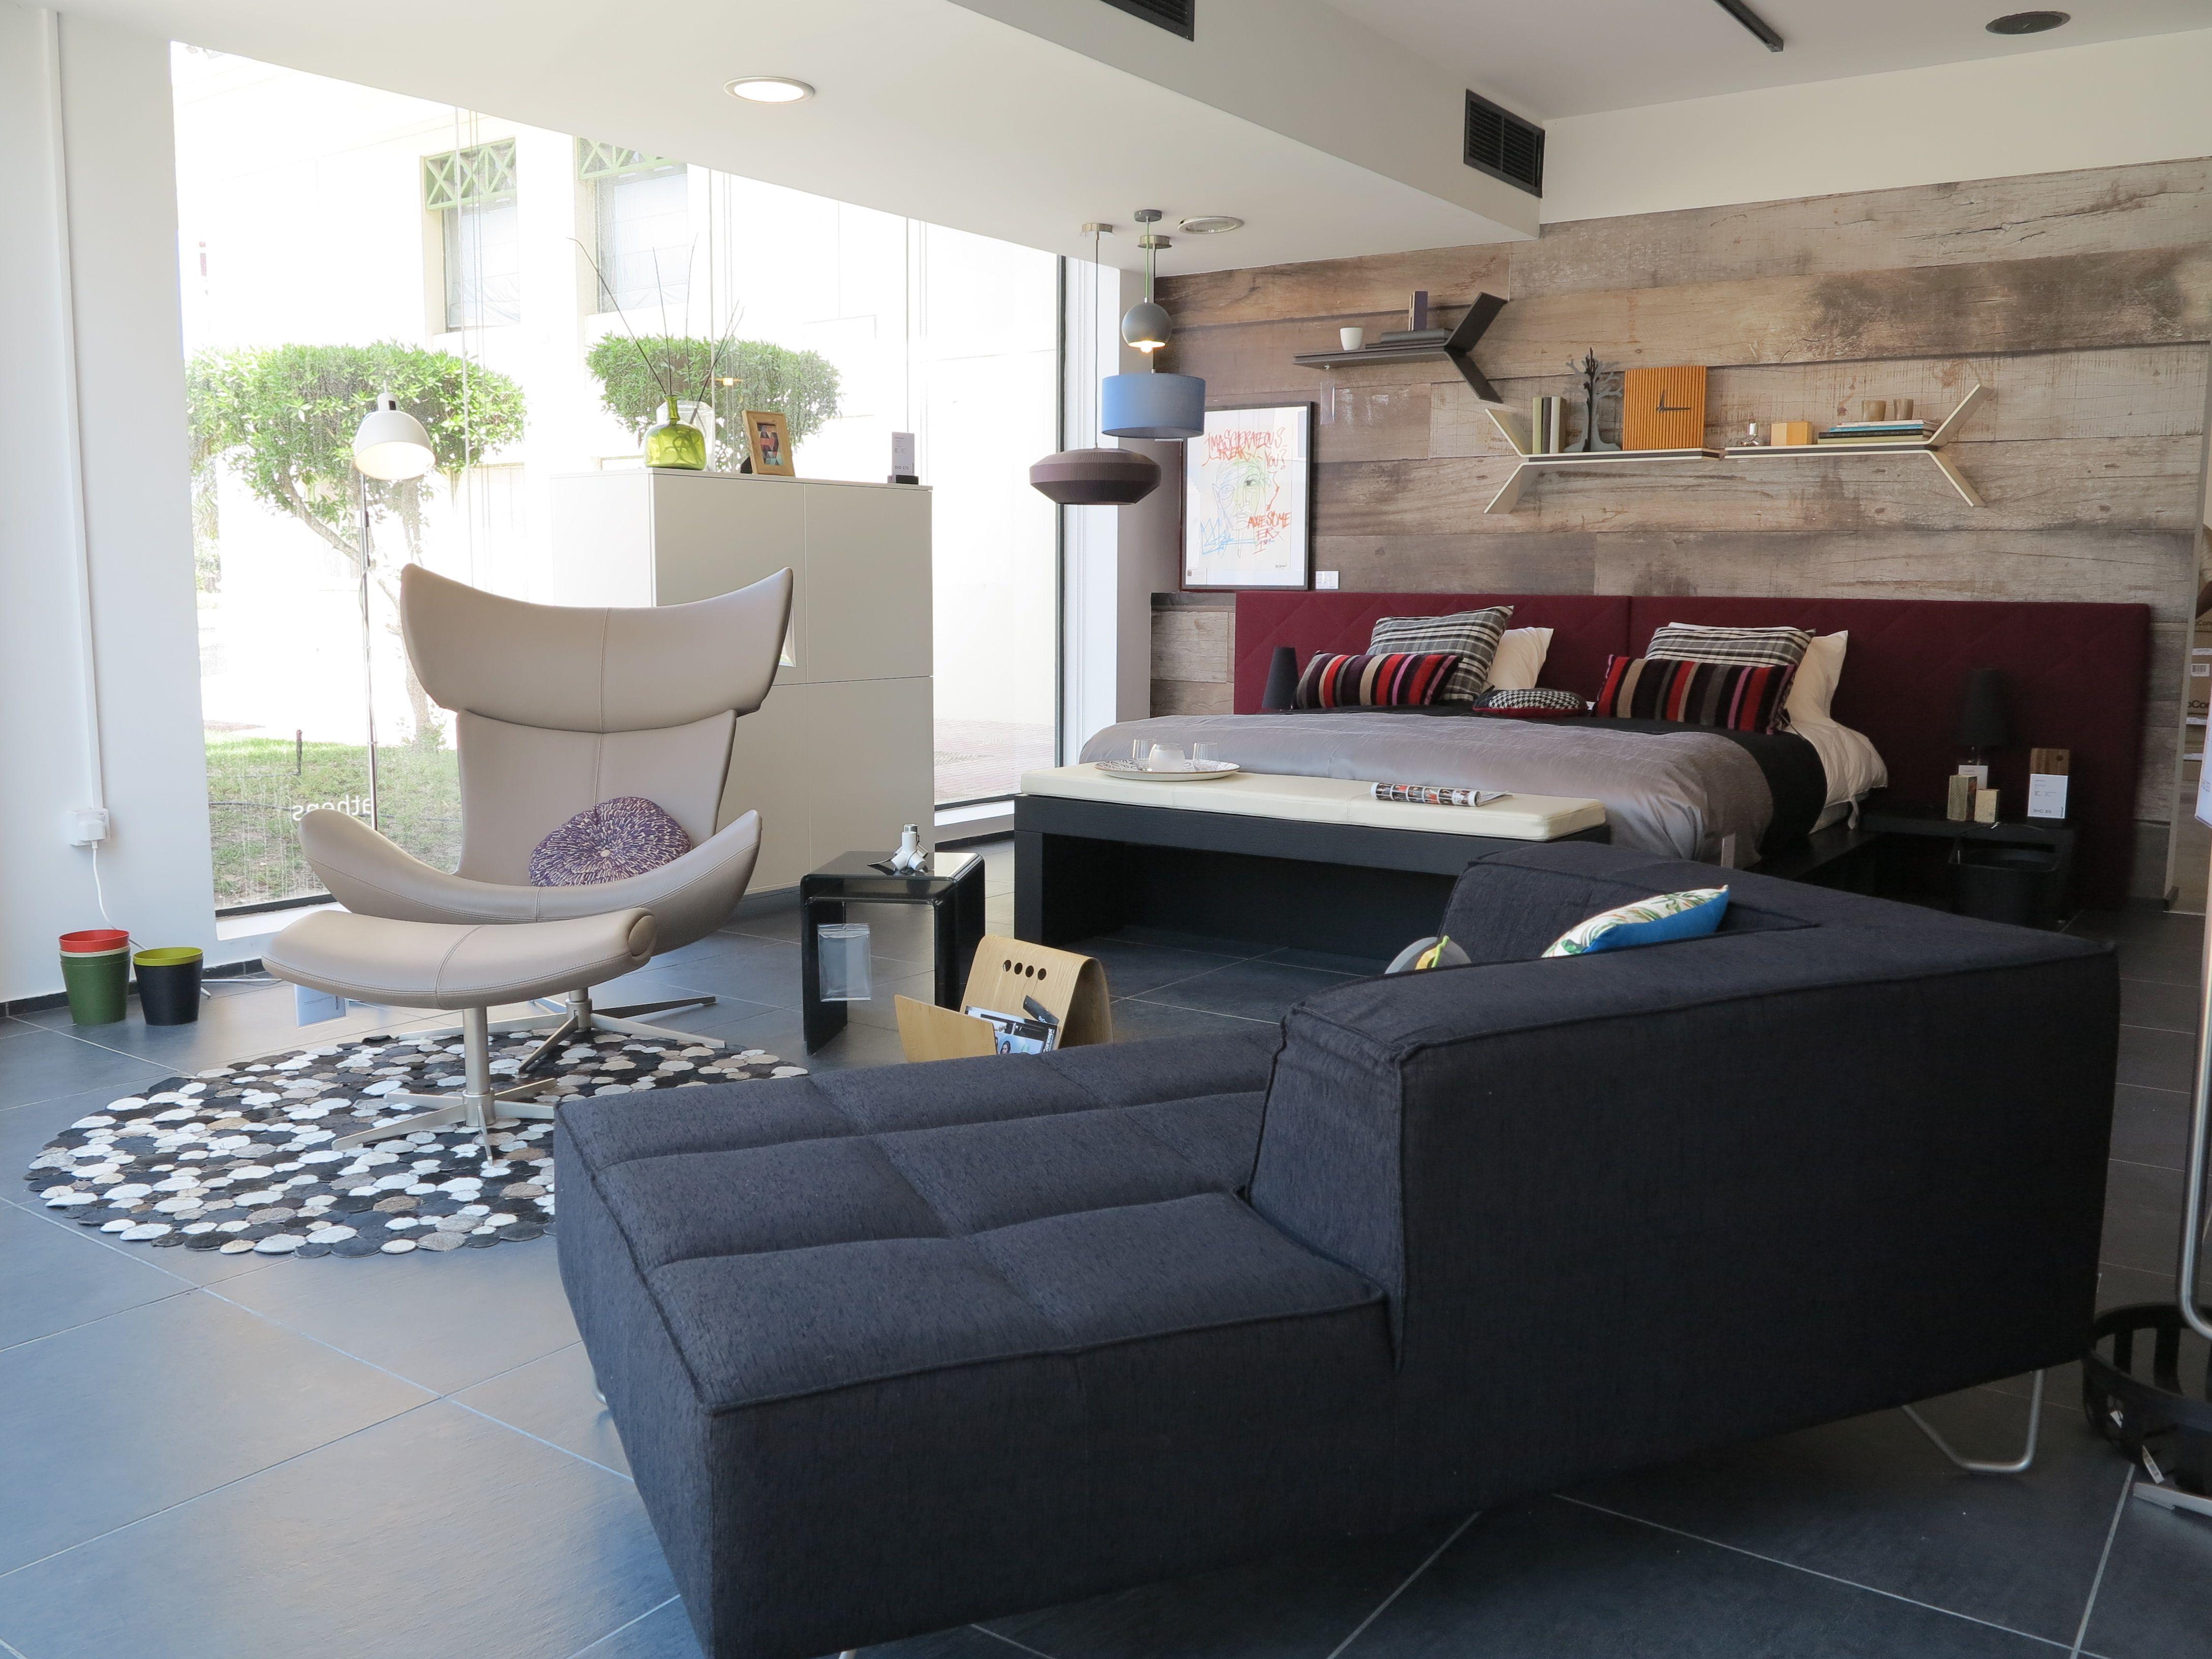 Boconcept bahrain boconcept bahrain boconcept contemporary furniture